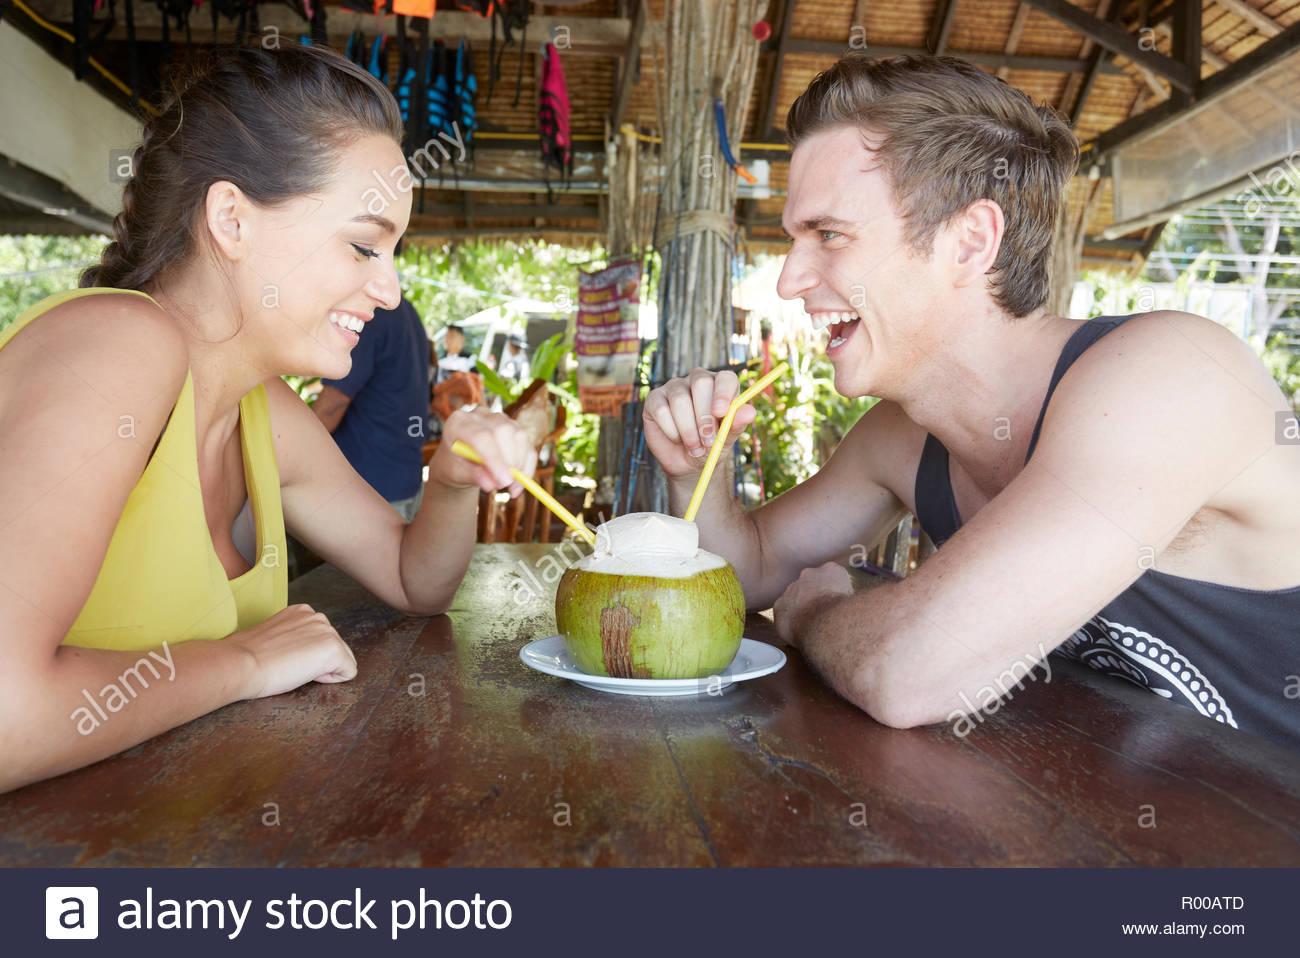 Coppia giovane di bere dalla noce di cocco con cannucce Immagini Stock